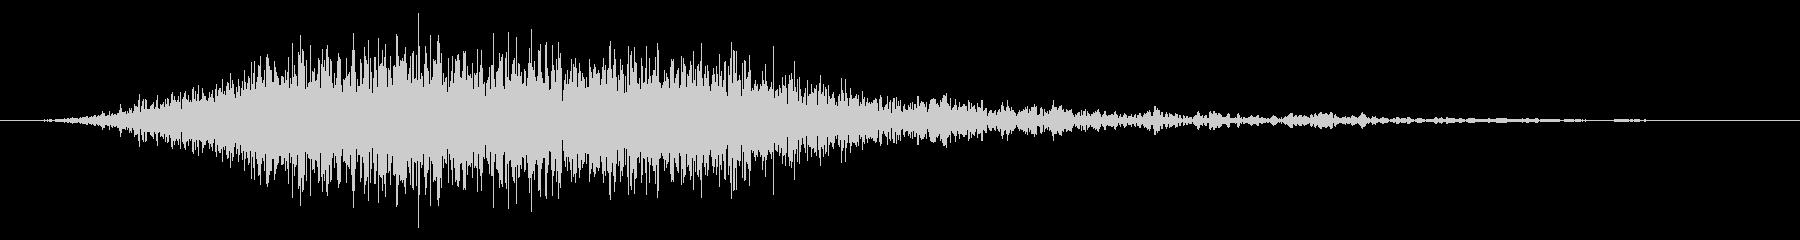 PC 駆動音02-04(強制シャットダウの未再生の波形